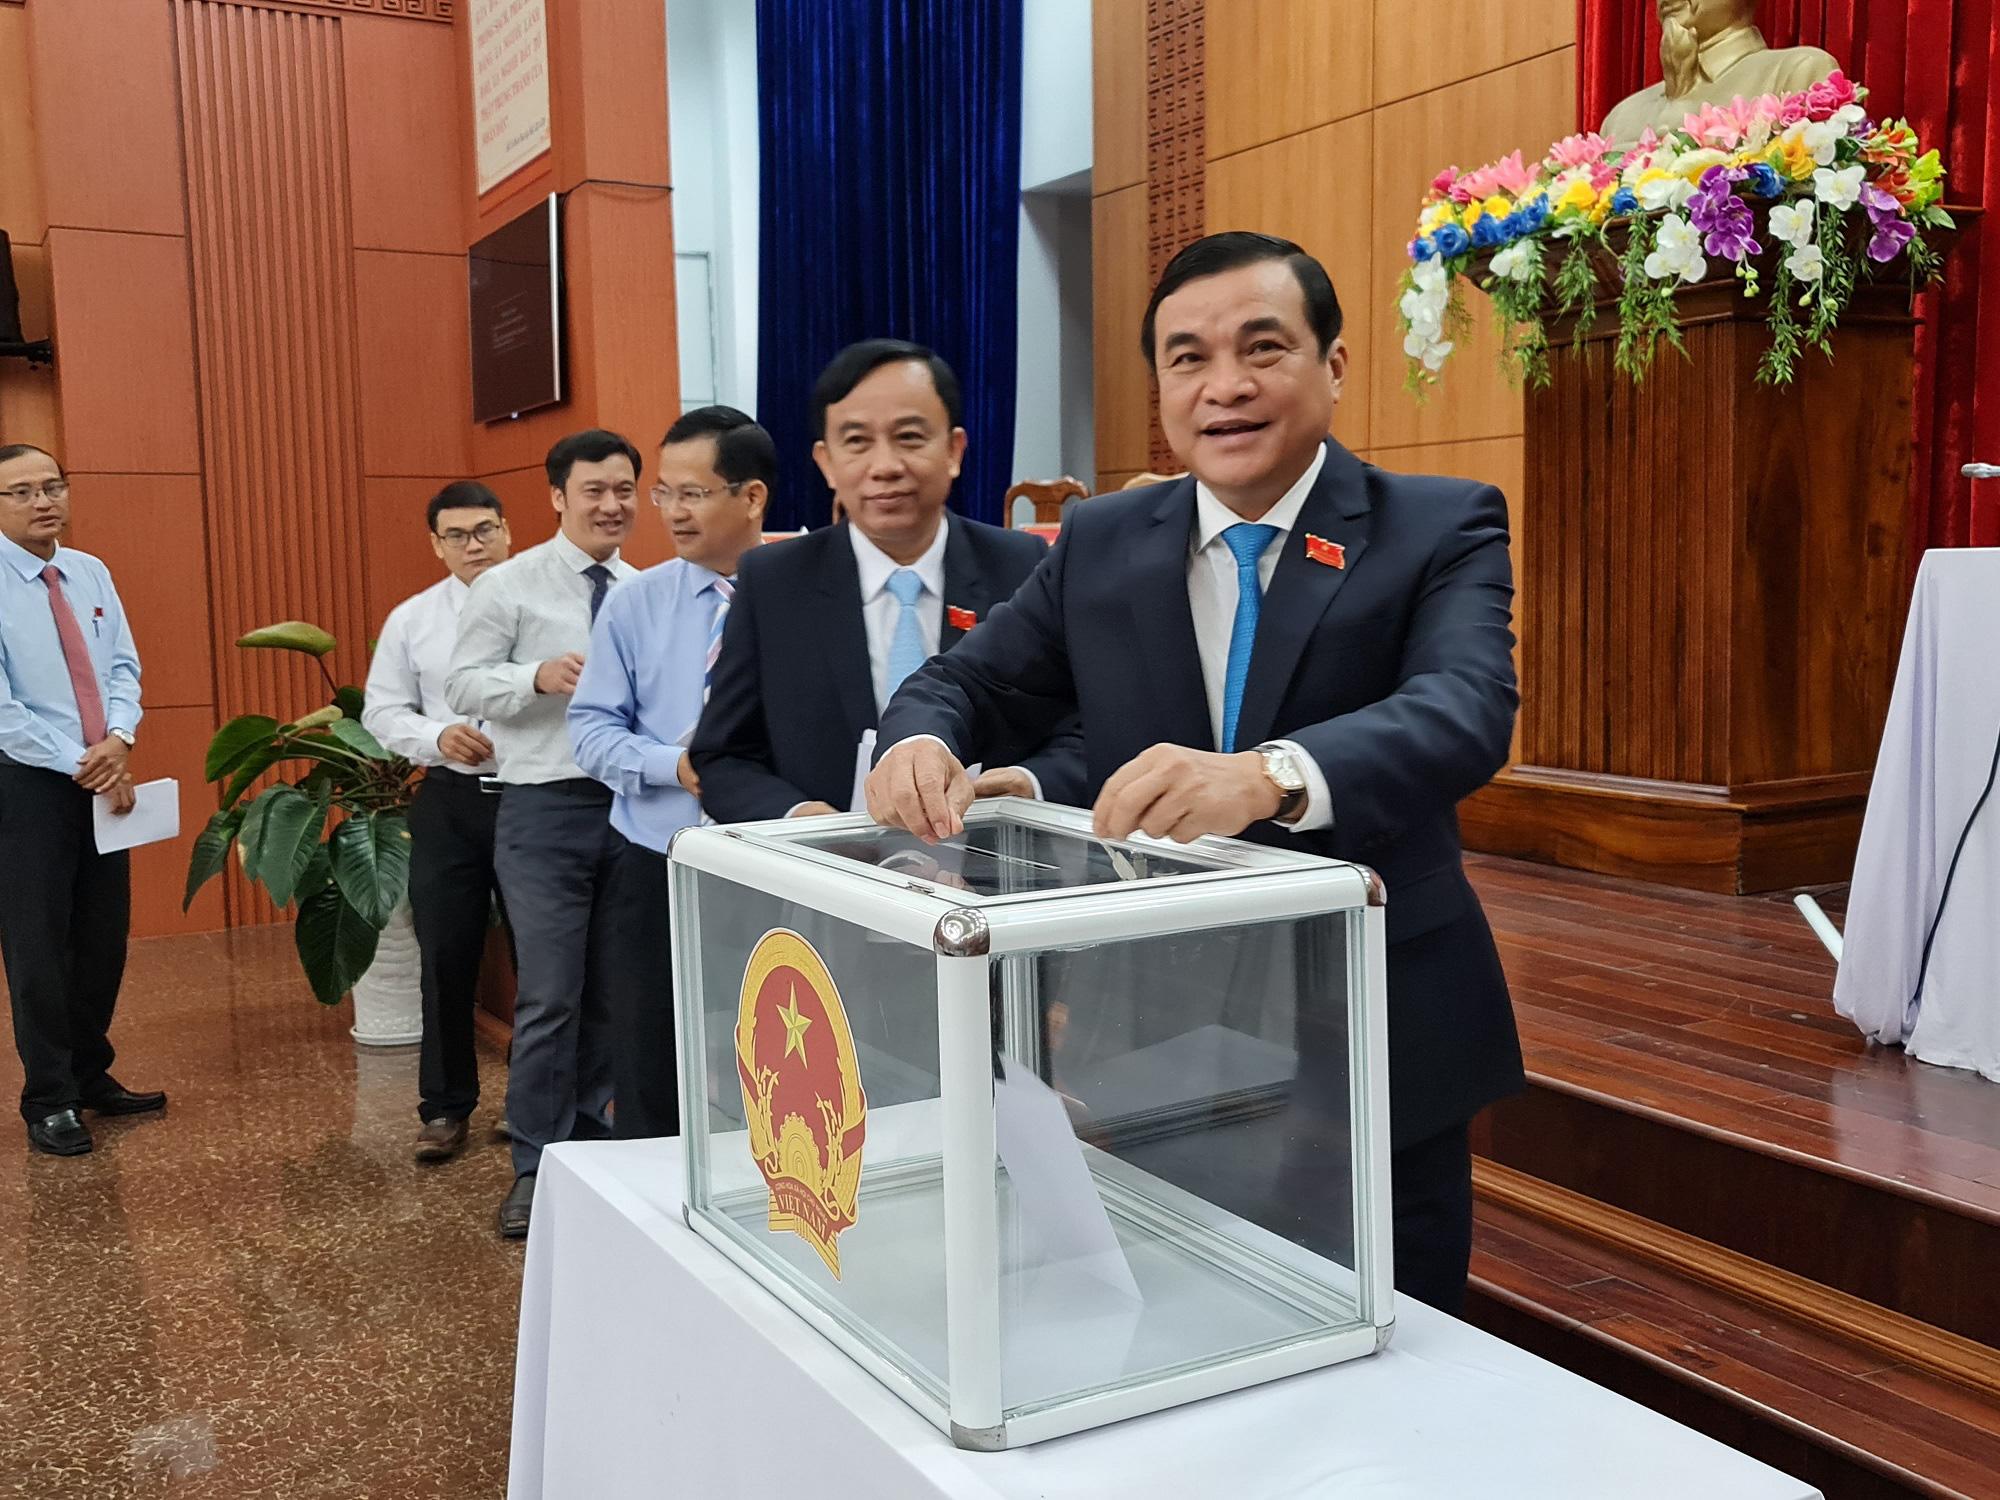 Ông Nguyễn Hồng Quang giữ chức Phó Chủ tịch UBND tỉnh Quảng Nam ở tuổi 44 - Ảnh 1.